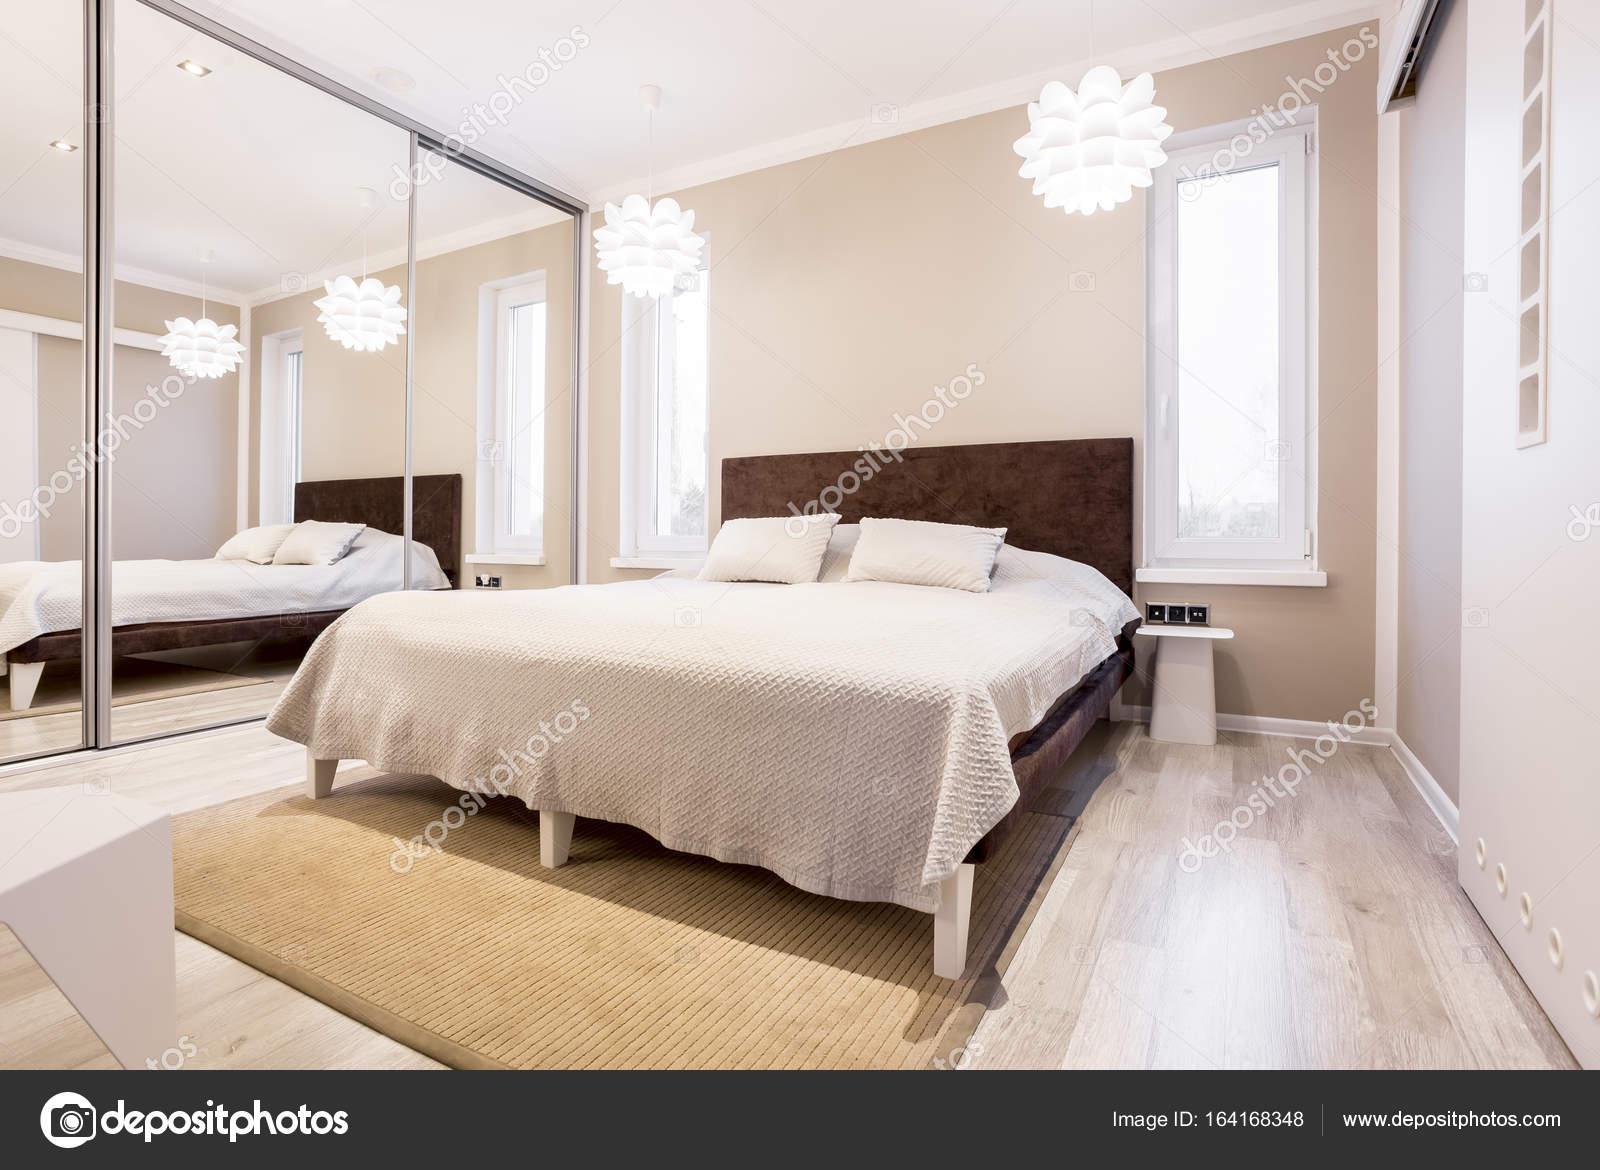 Beige Schlafzimmer Mit Spiegelschrank Stockfoto Photographeeeu - Schlafzimmer spiegelschrank